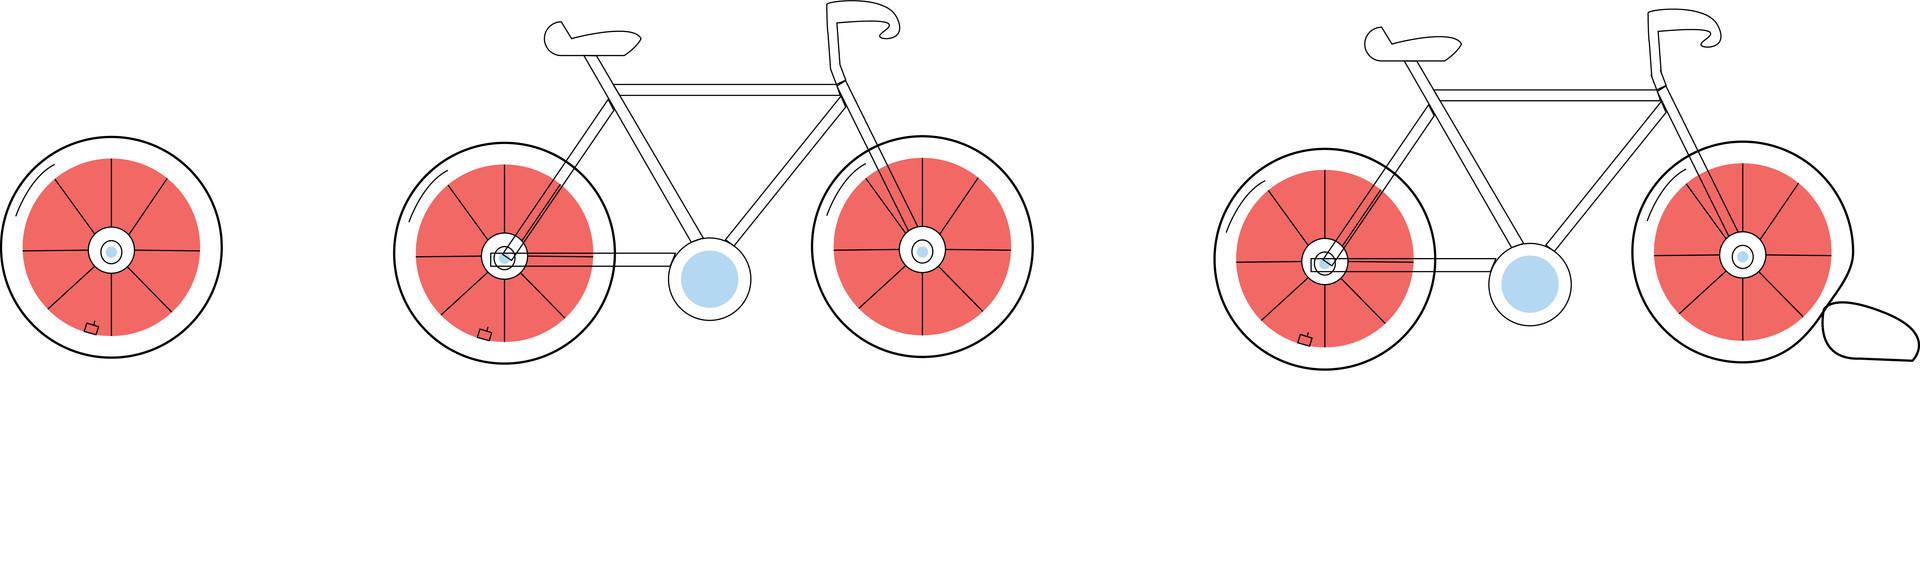 bikerevised.jpg